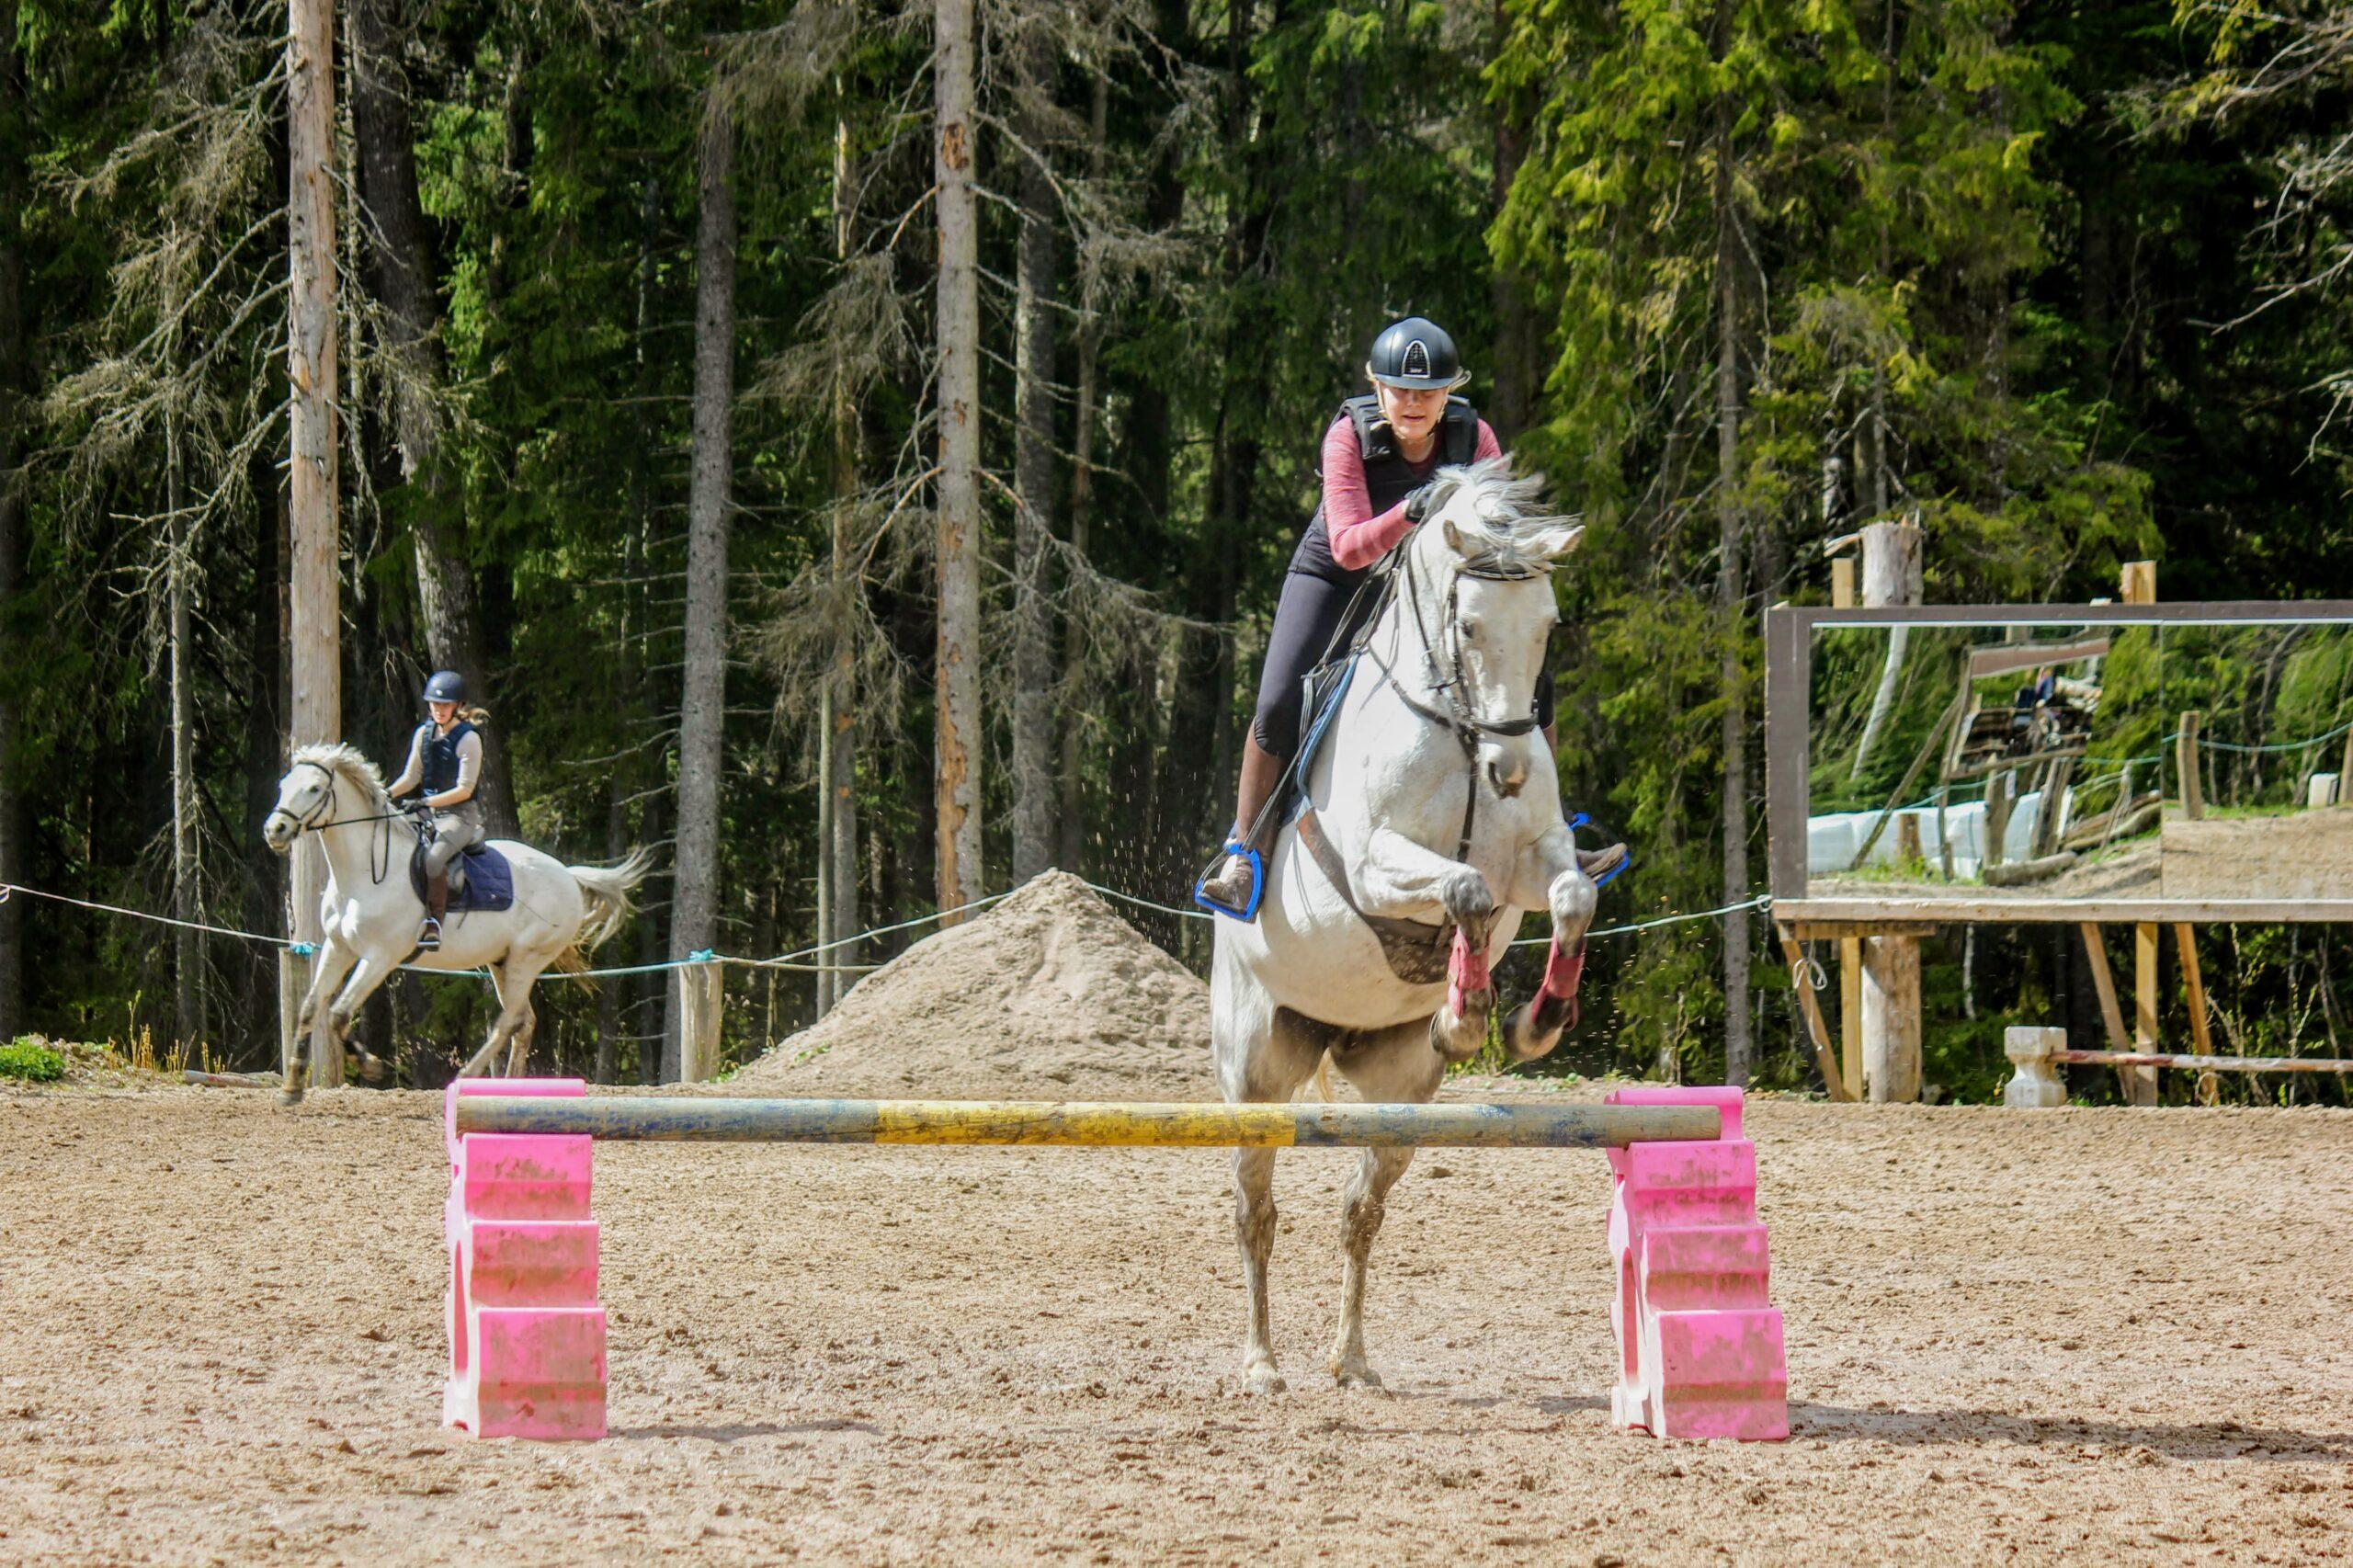 estetunti, valkoinen hevonen hyppäämässä esteen yli